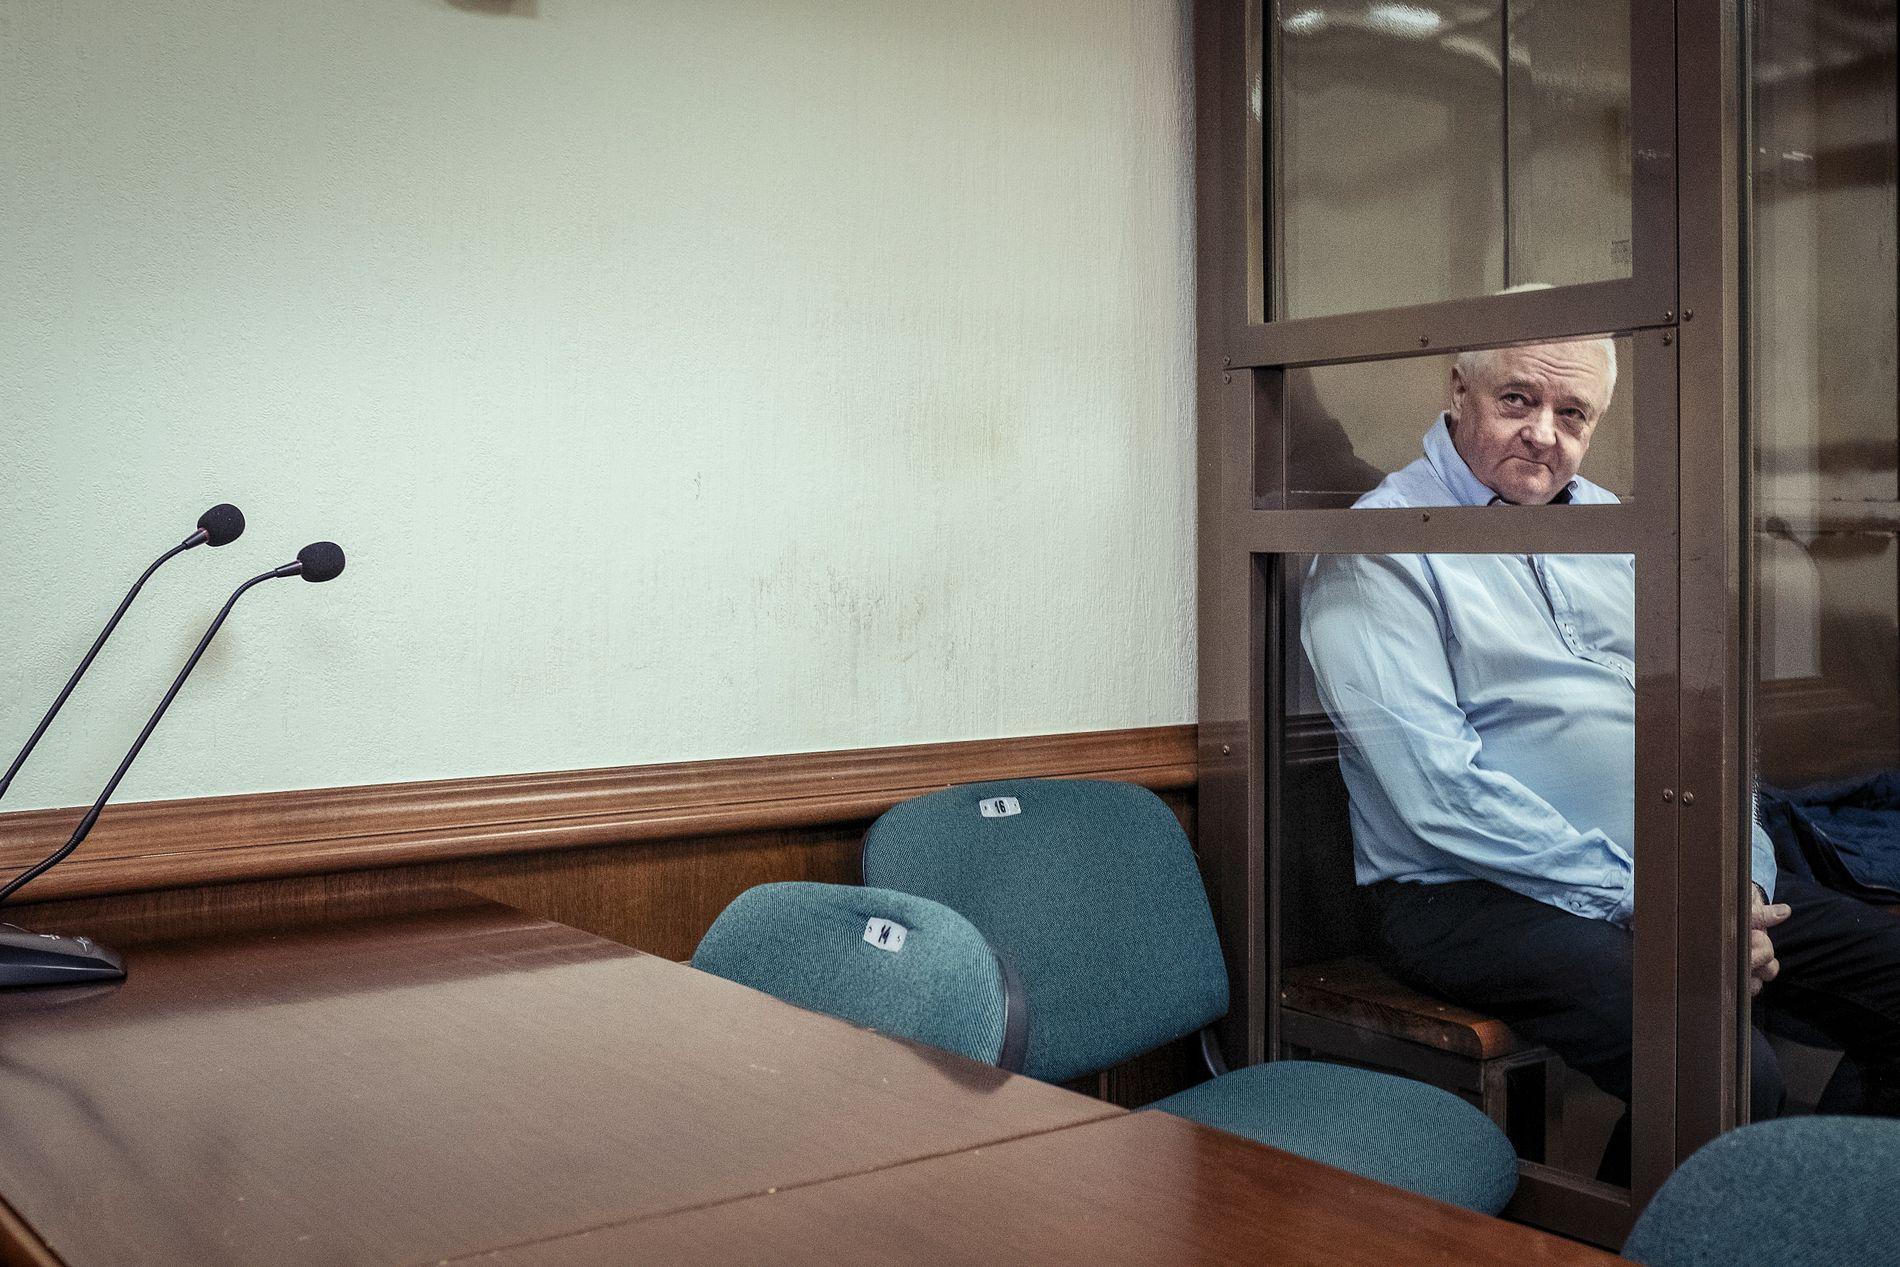 RETTSSAK: Rettssaken mot spiontiltalte Frode Berg er berammet til å starte onsdag 2. april.